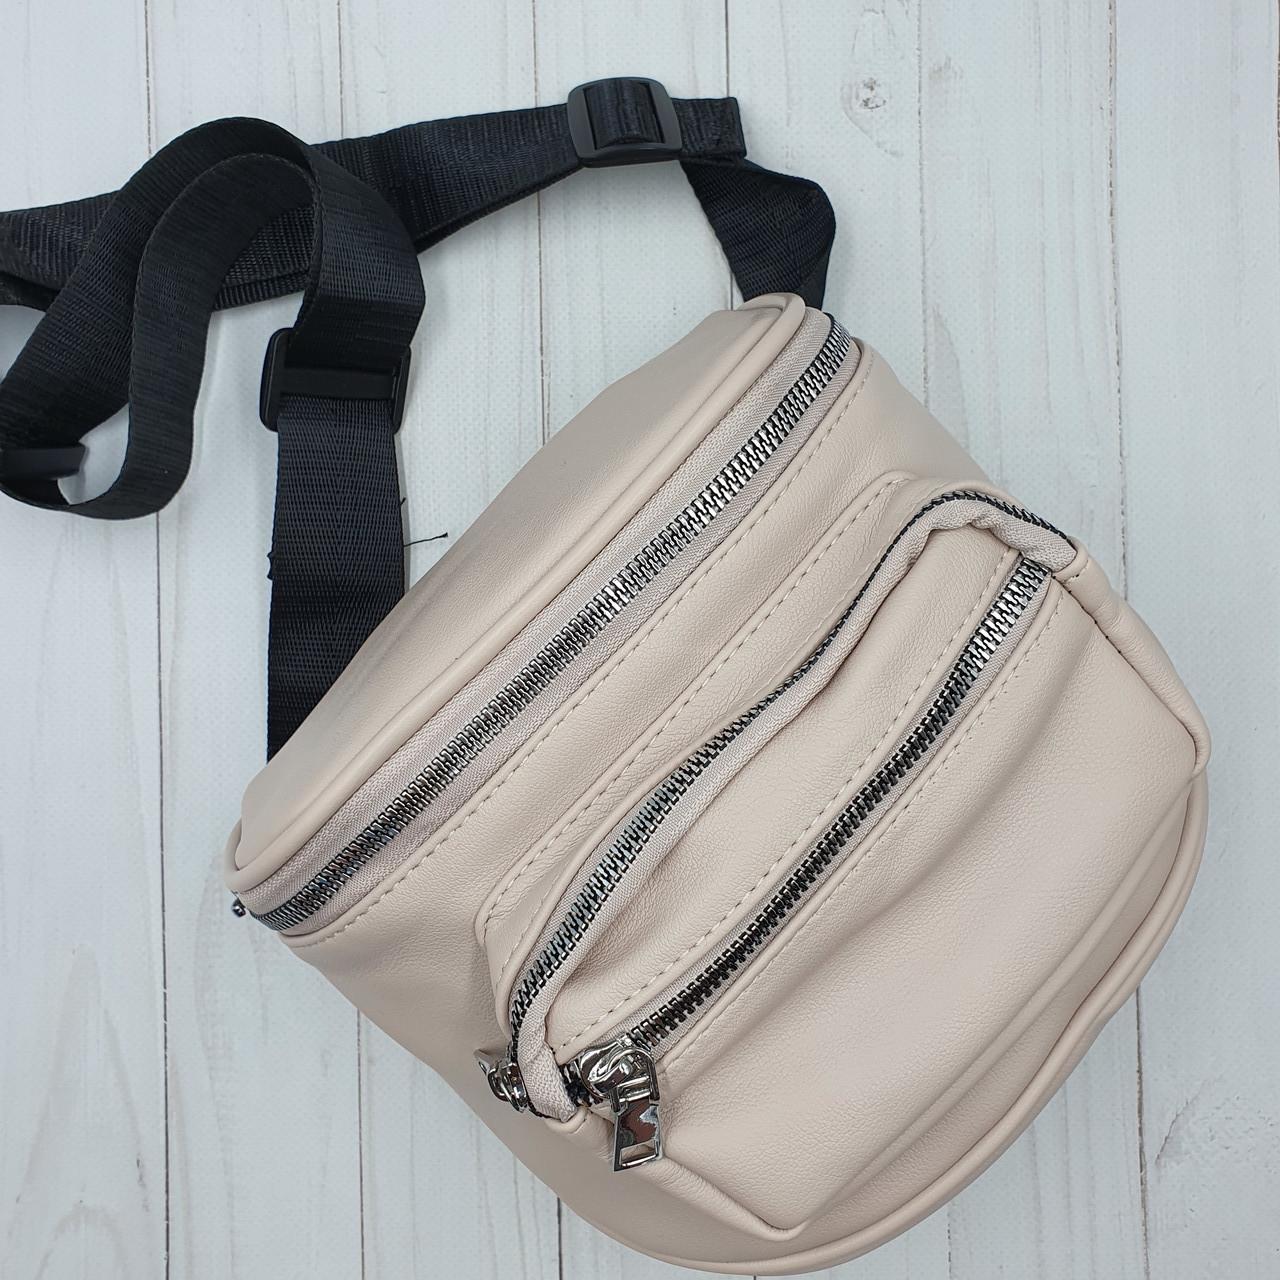 Женская поясная сумка Цвет бежевый,эко-кожа.три отделения